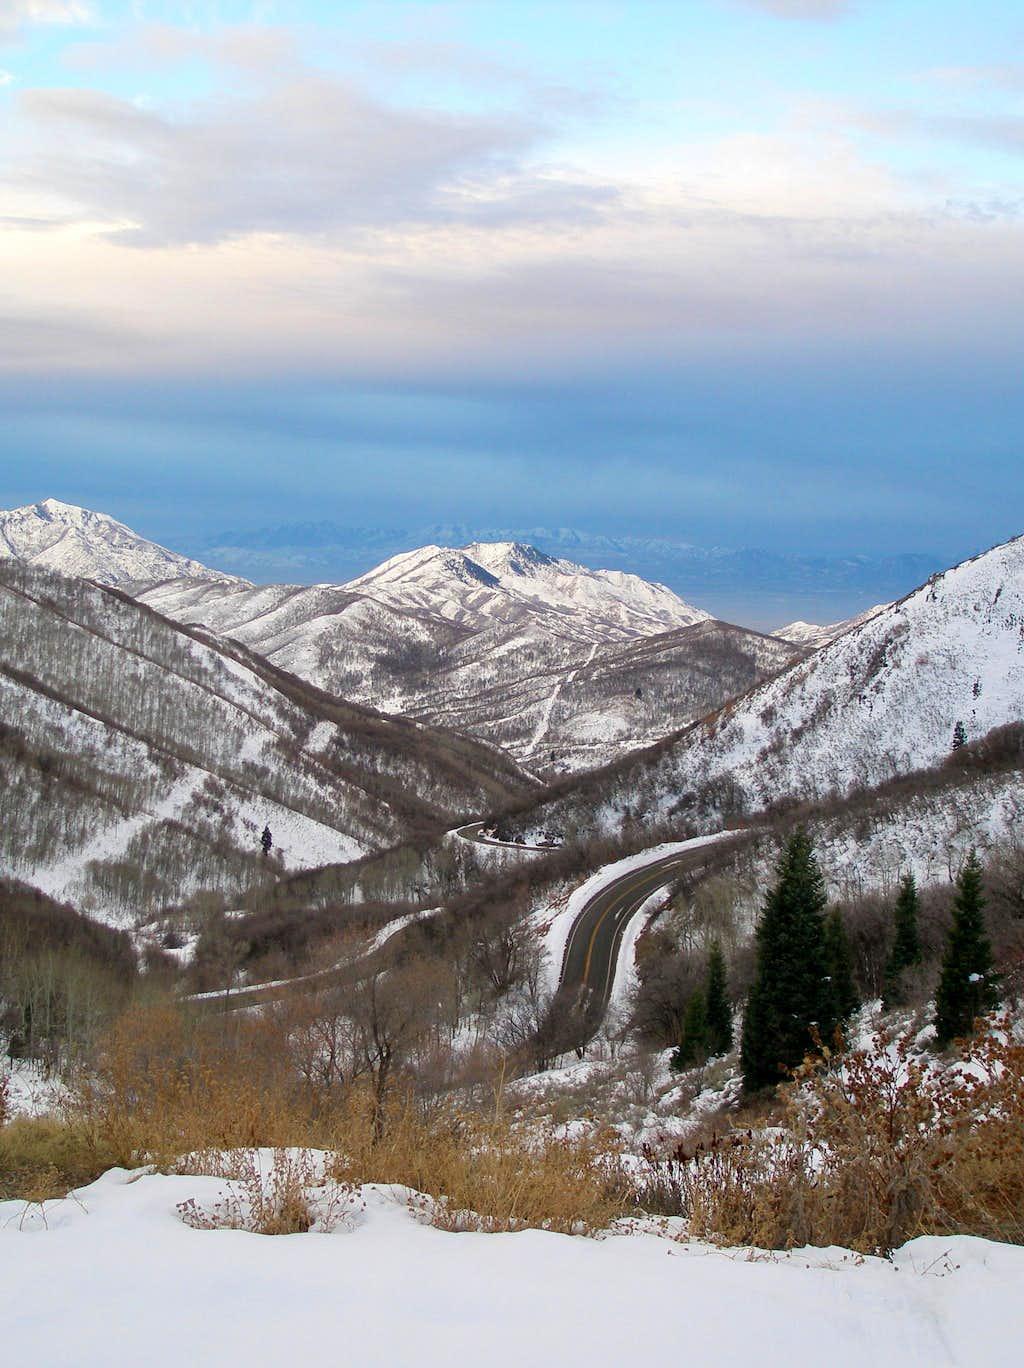 Dale Benchmark and Perkins Peak